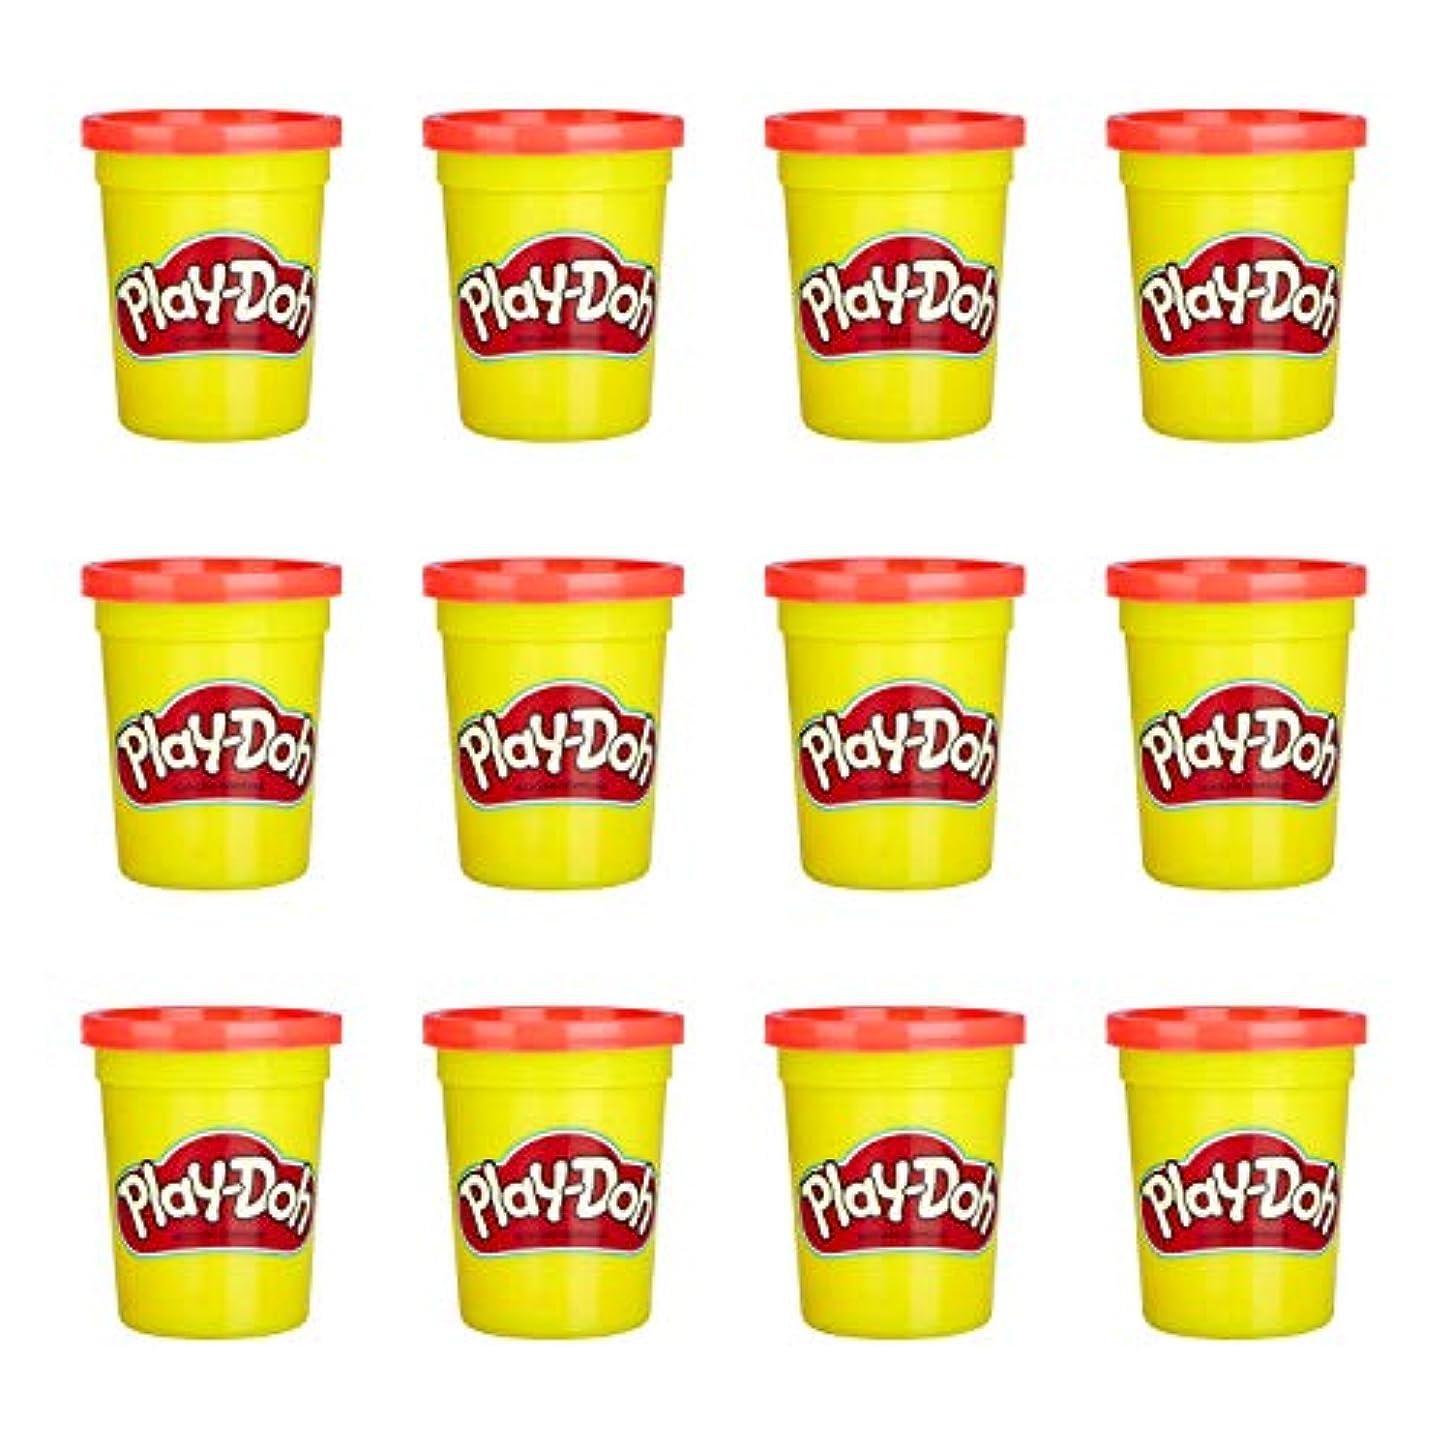 変わるダーベビルのテス脱獄Play-Doh 詰め合わせカラー12個パック 12 pack E4826AF1